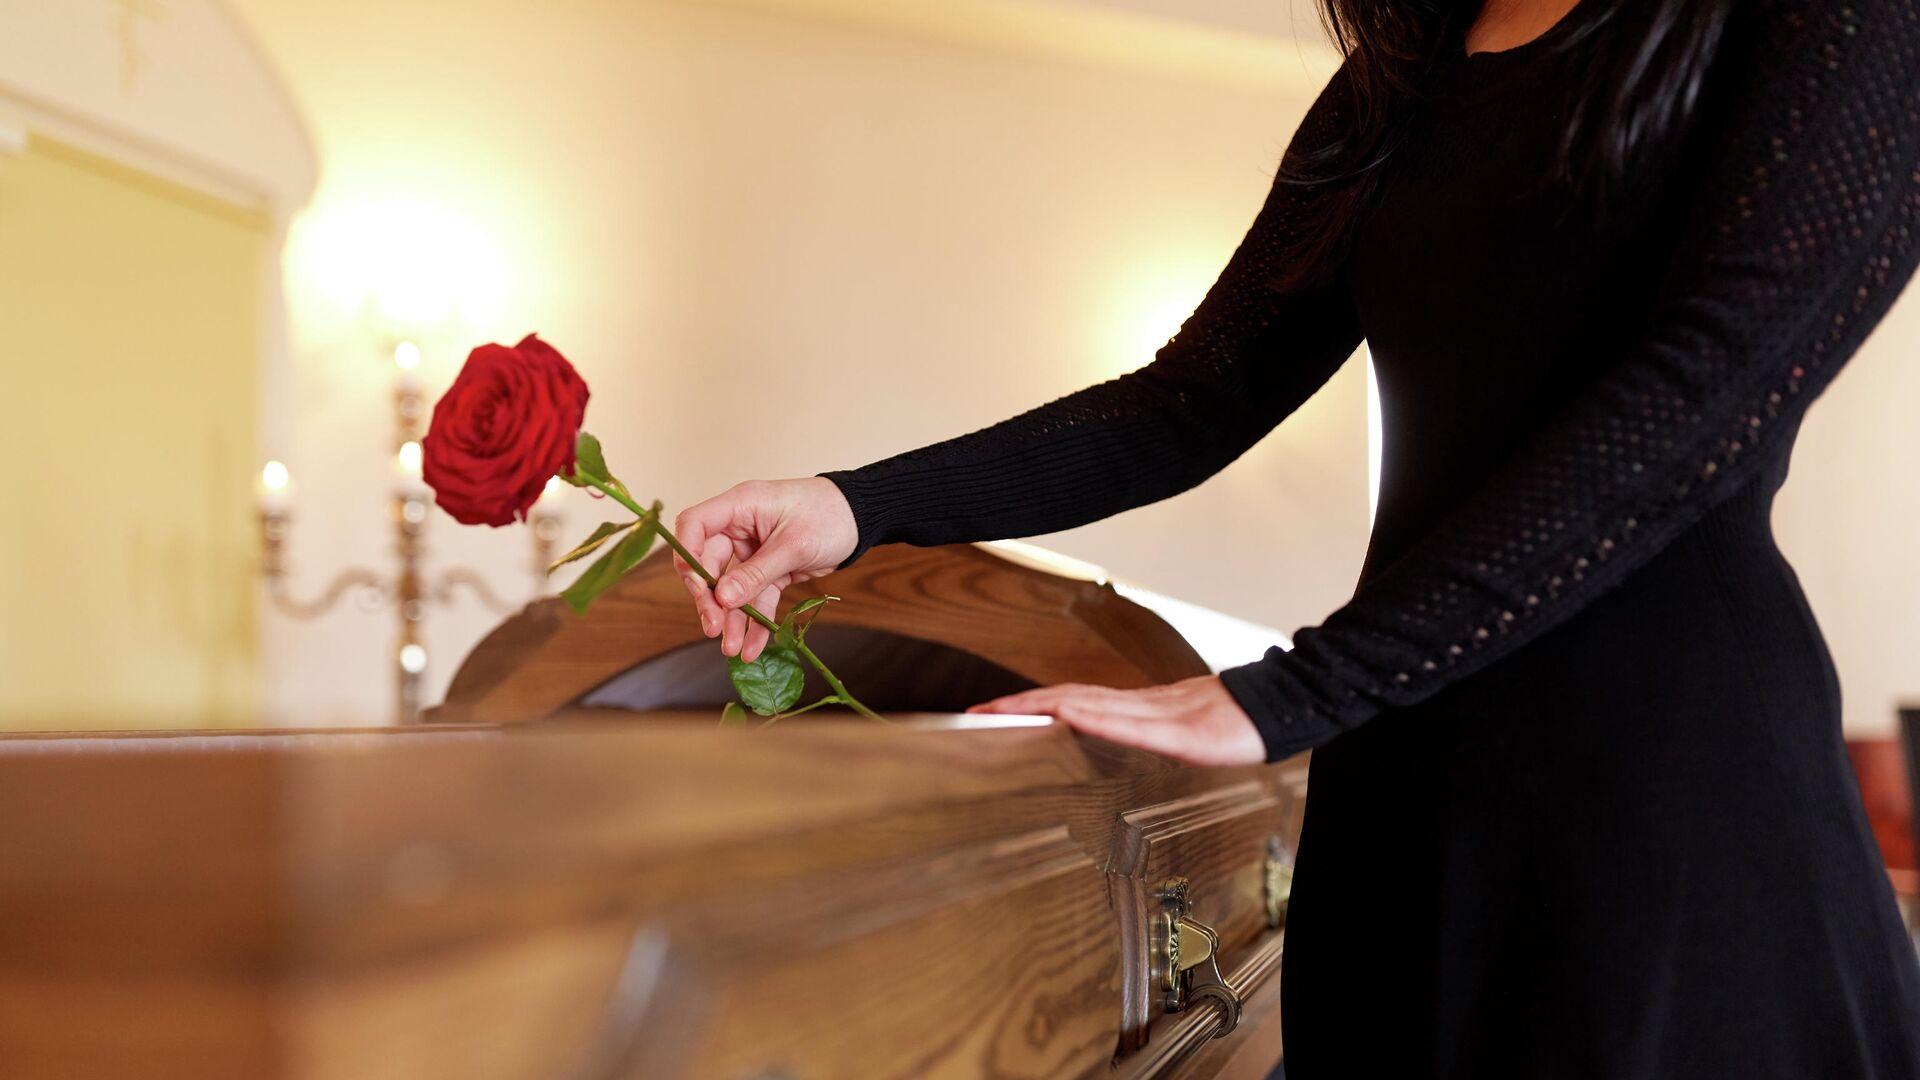 Женщина на похоронах - РИА Новости, 1920, 06.01.2021